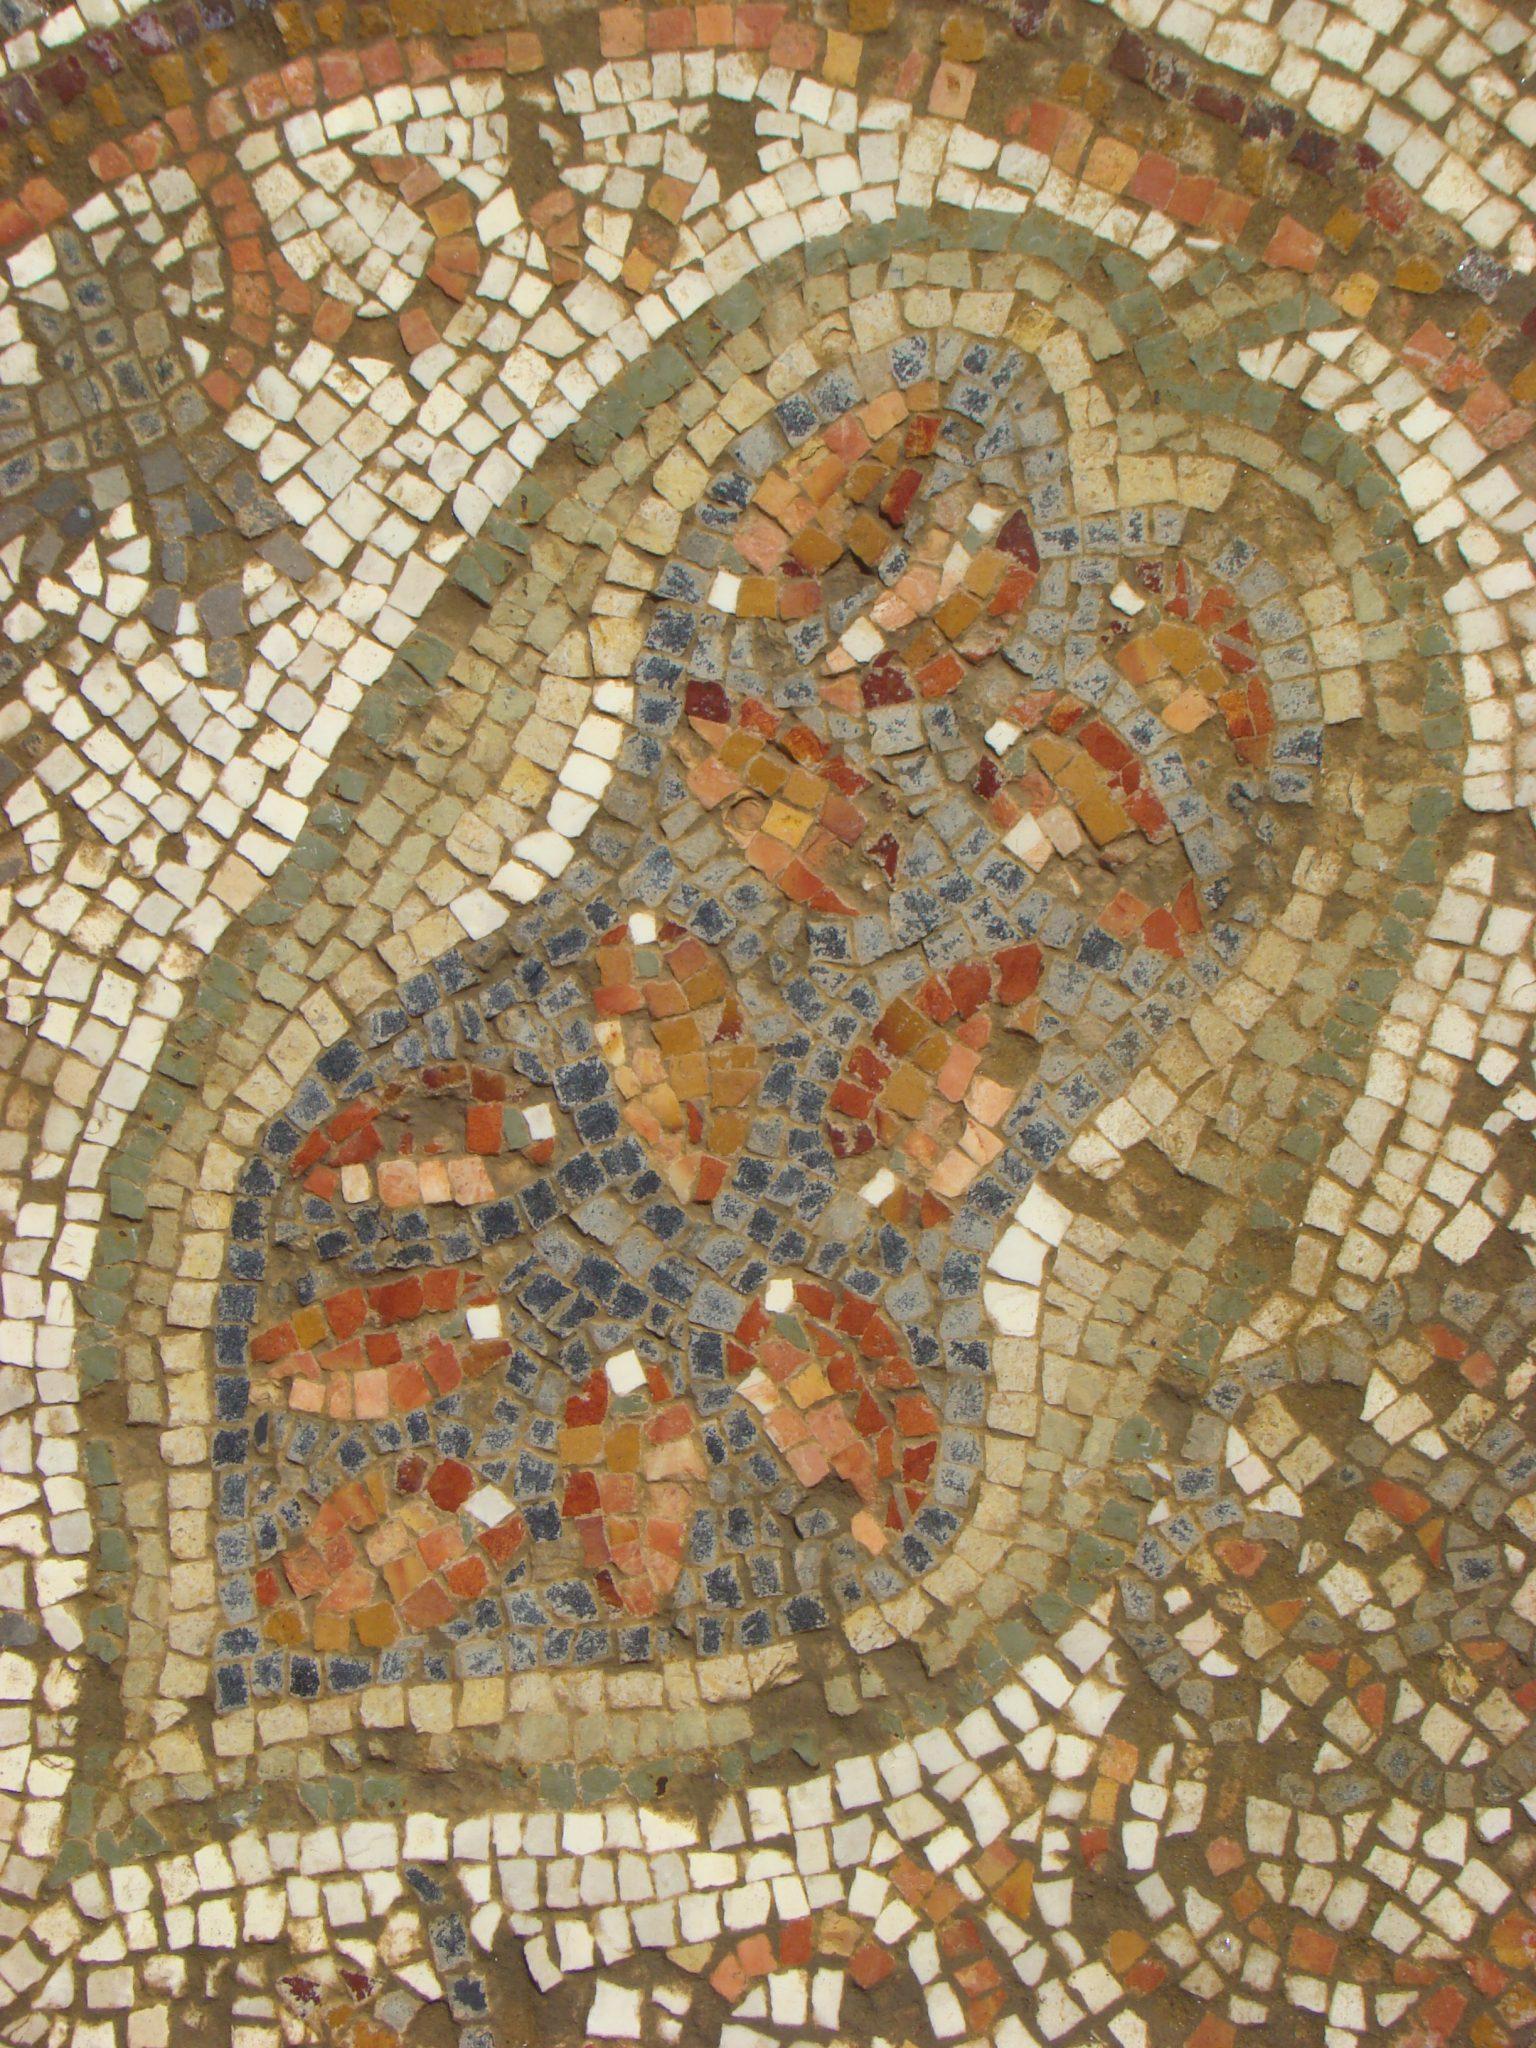 אתרוג חצוי, חשיפת הזרעים שנועדו כנראה לריבוי ומסחר, כנסיית חורבת בית לויה